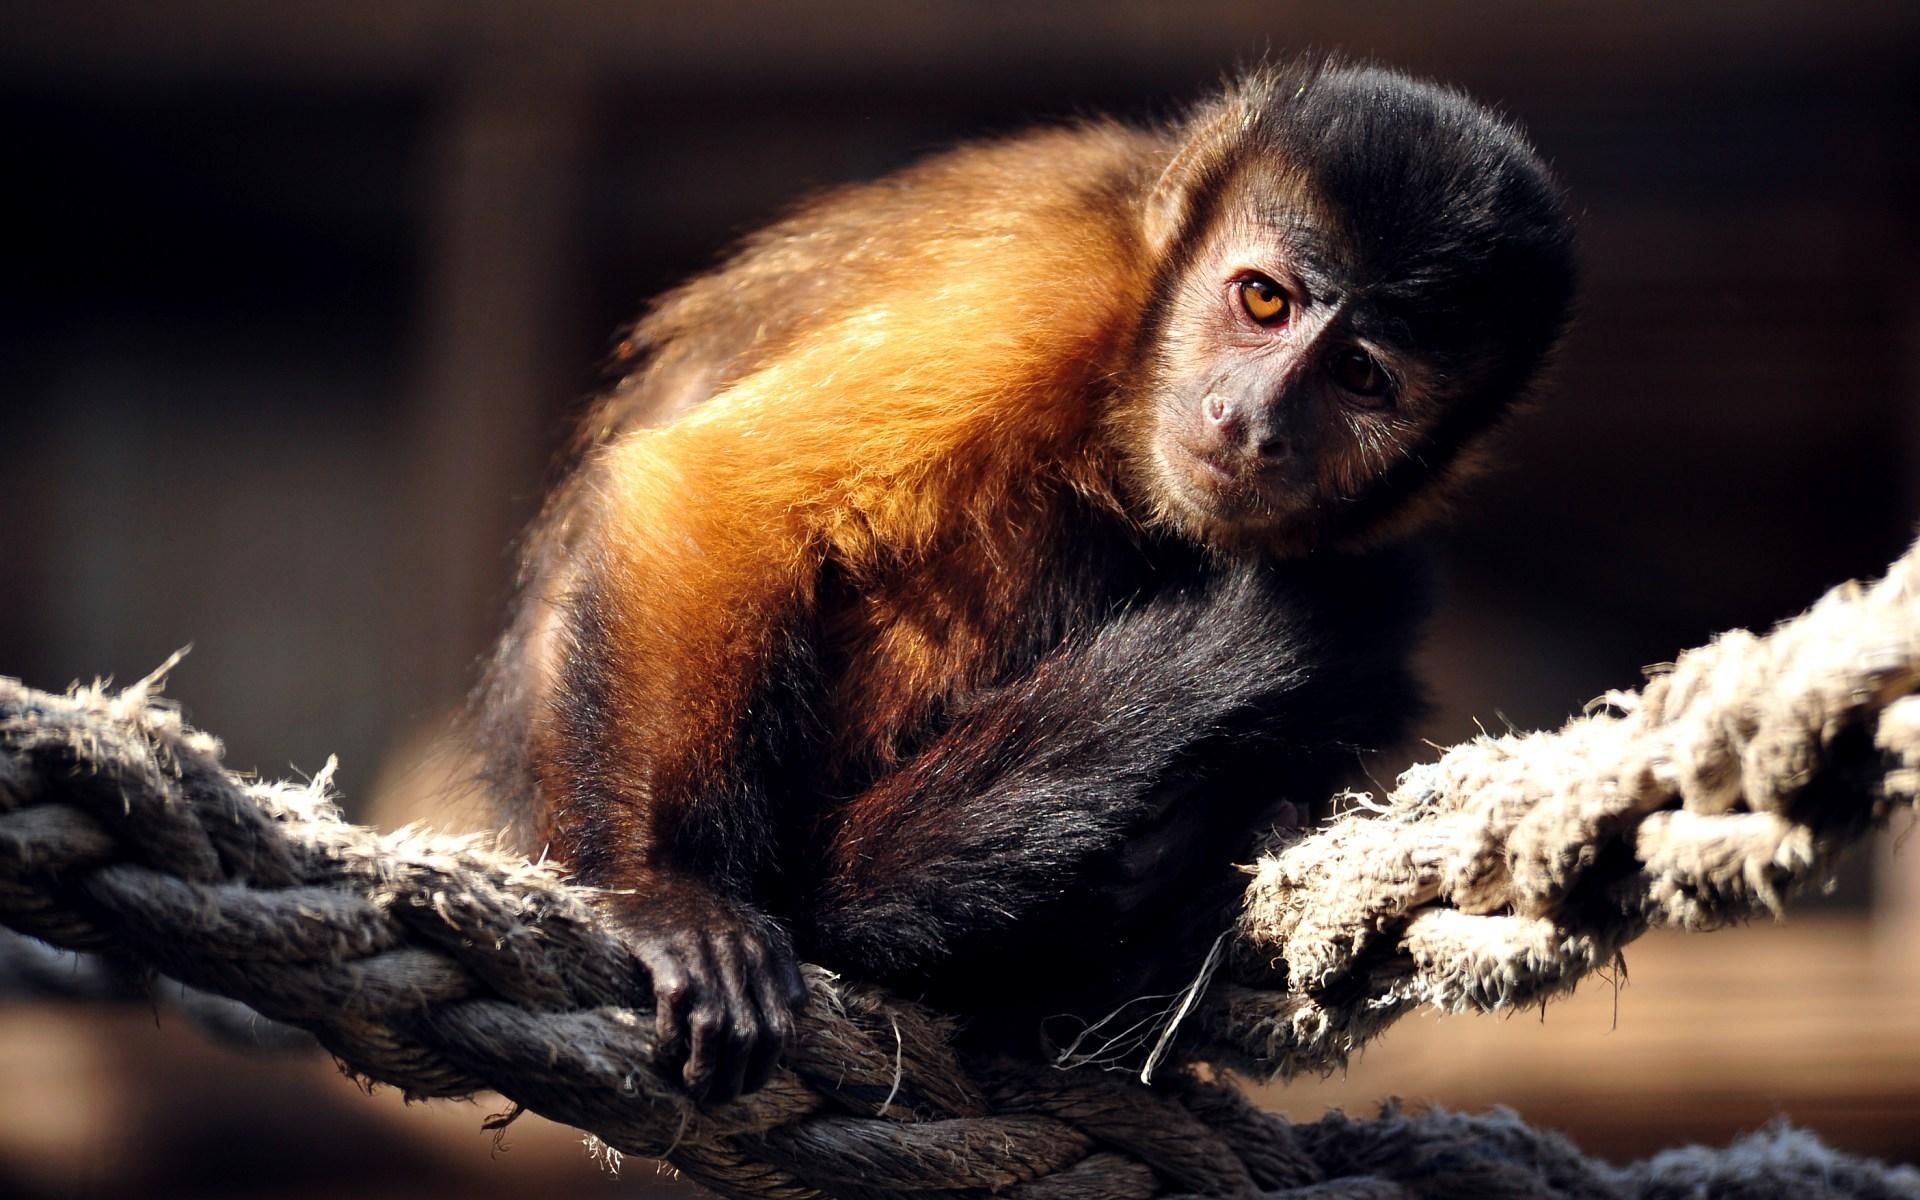 Animals Monkeys Monkey 033372 jpg 1920x1200